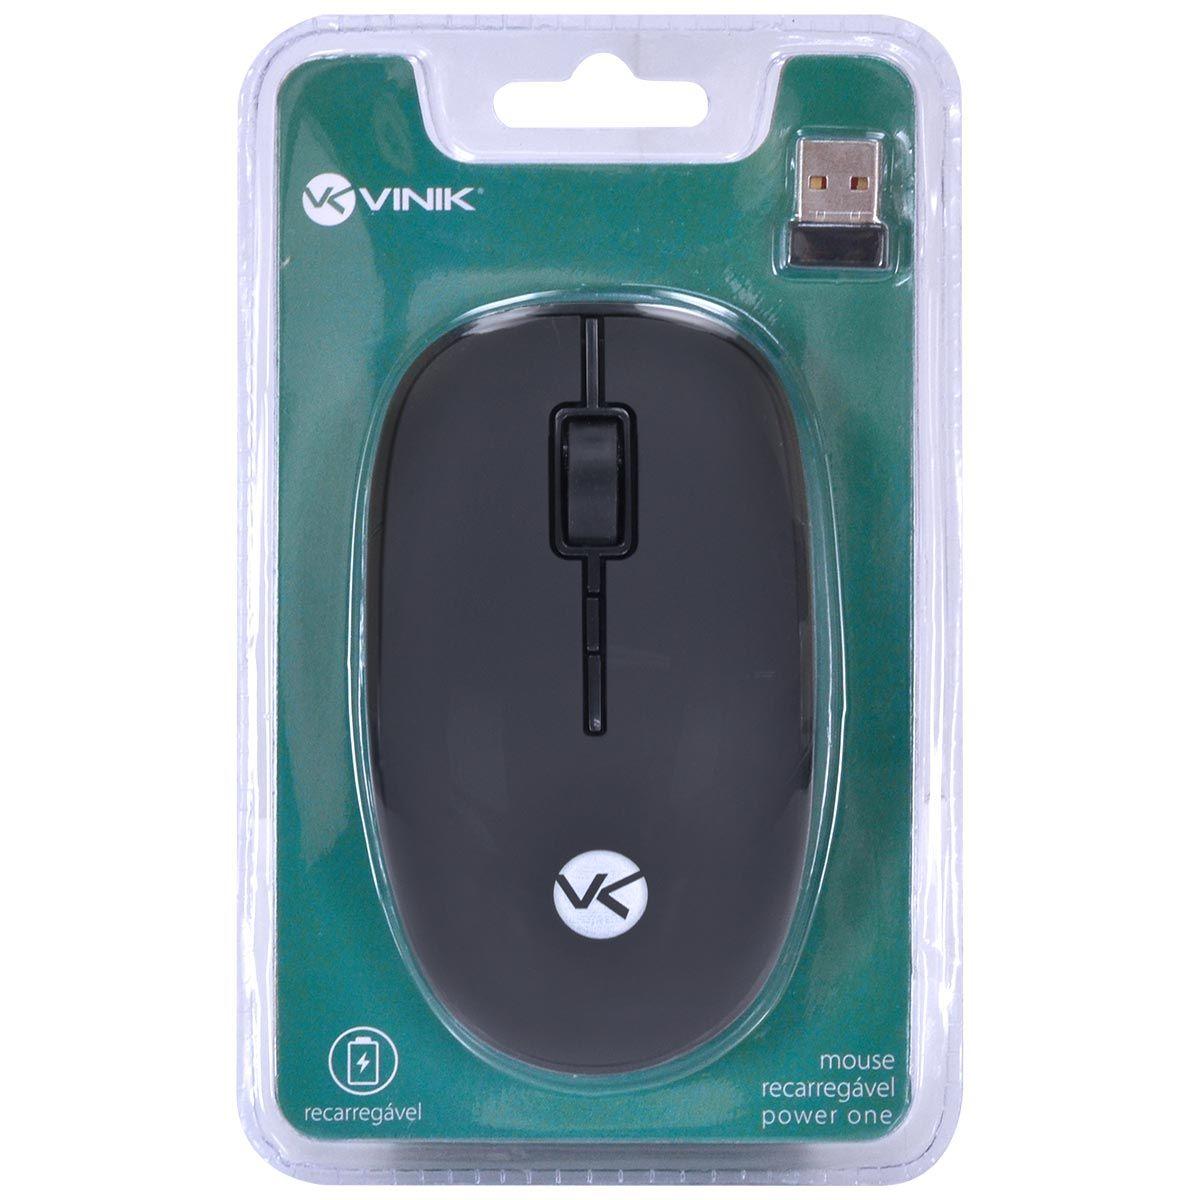 MOUSE SEM FIO RECARREGÁVEL POWER ONE 1600DPI - RECEPTOR USB - PM100